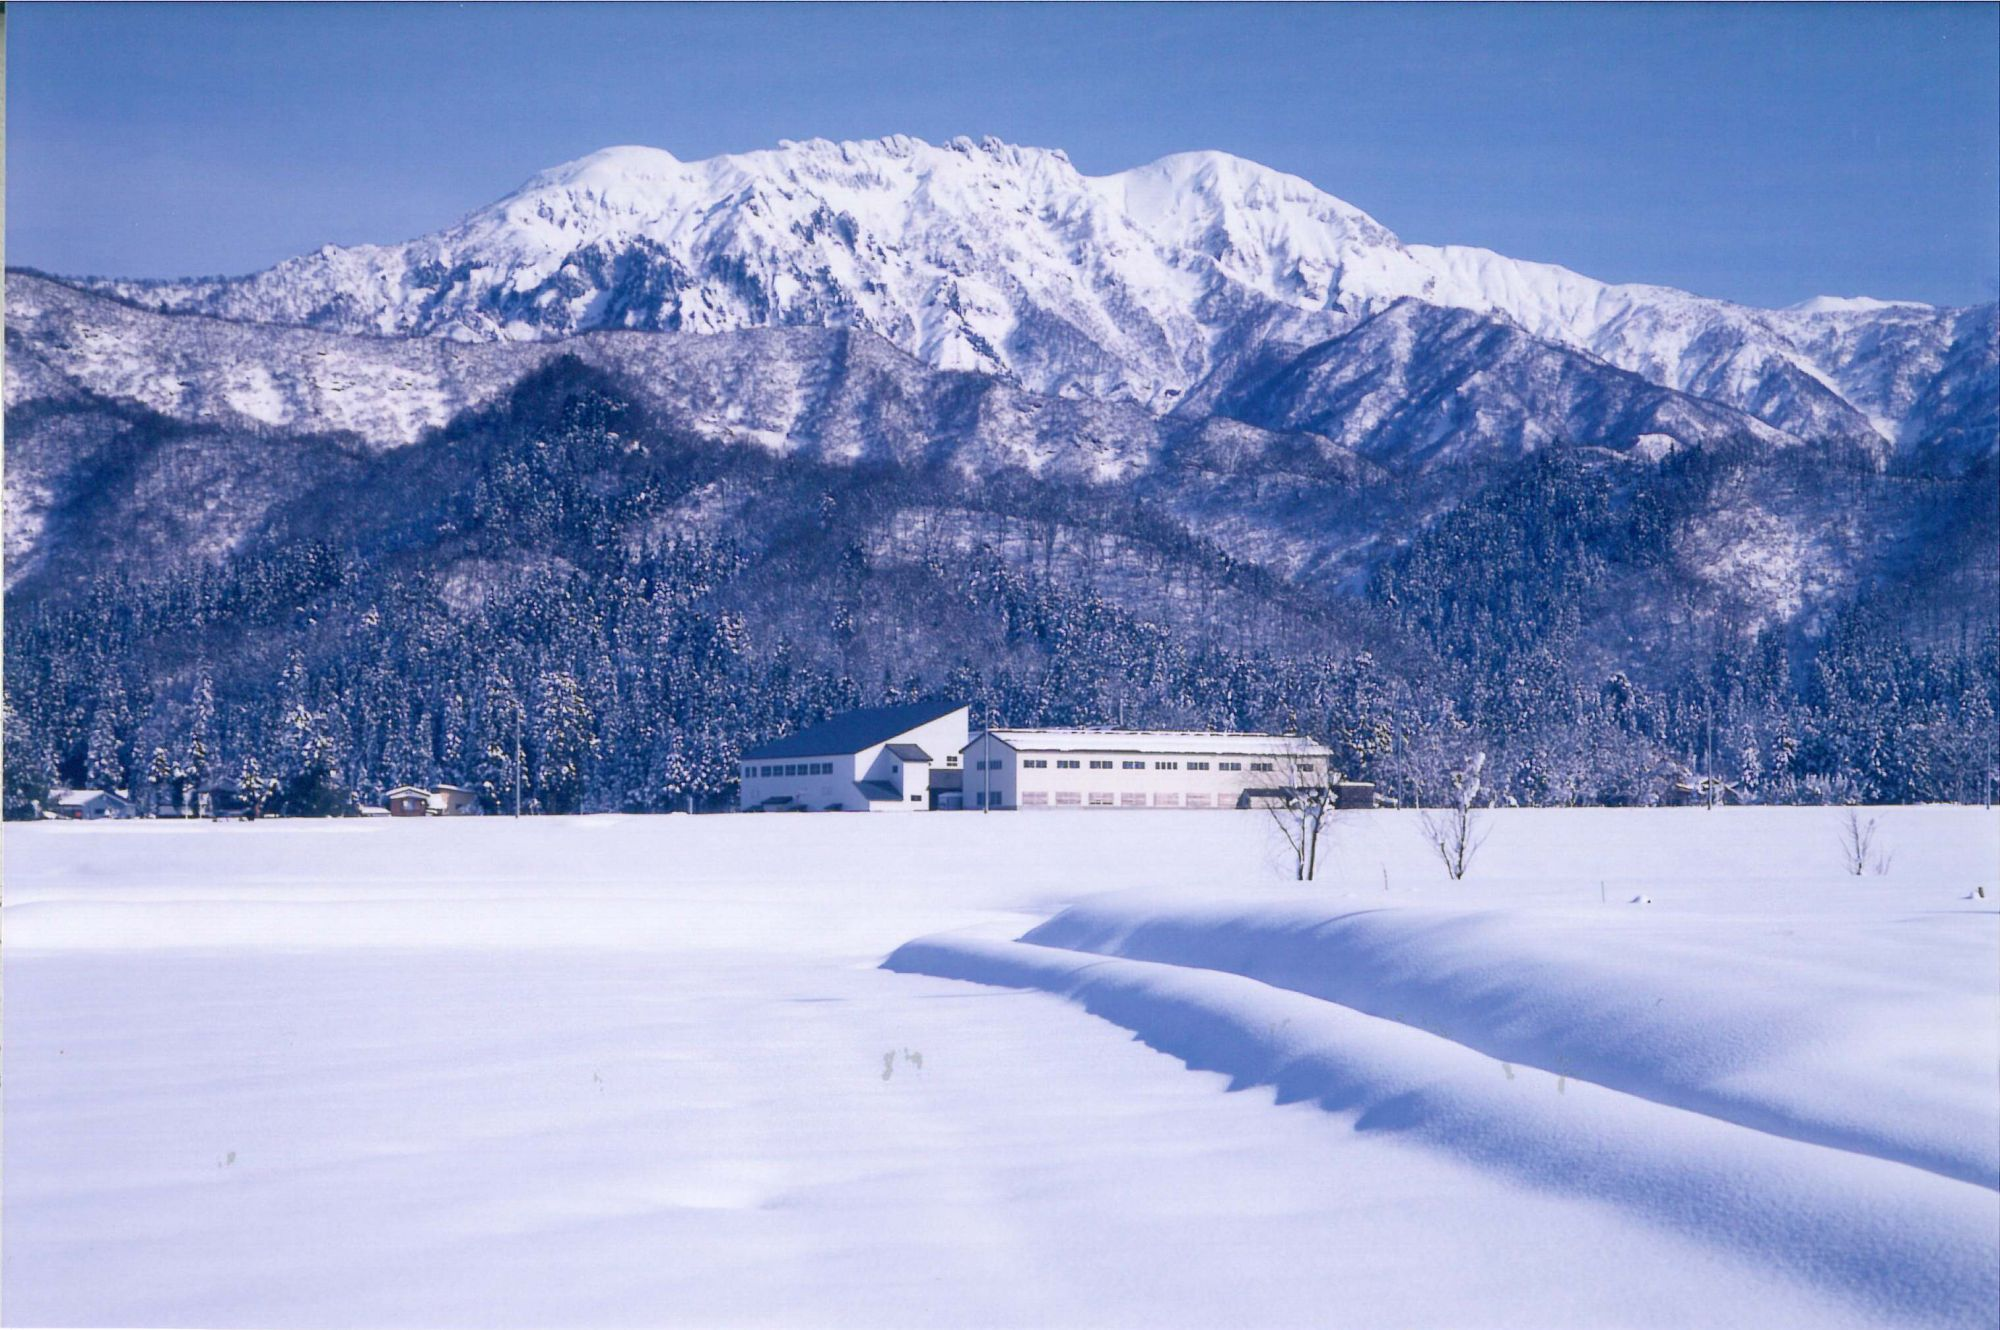 隱身傳說中的夢幻酒鄉!八海釀造精心演繹來自雪國的純淨風味